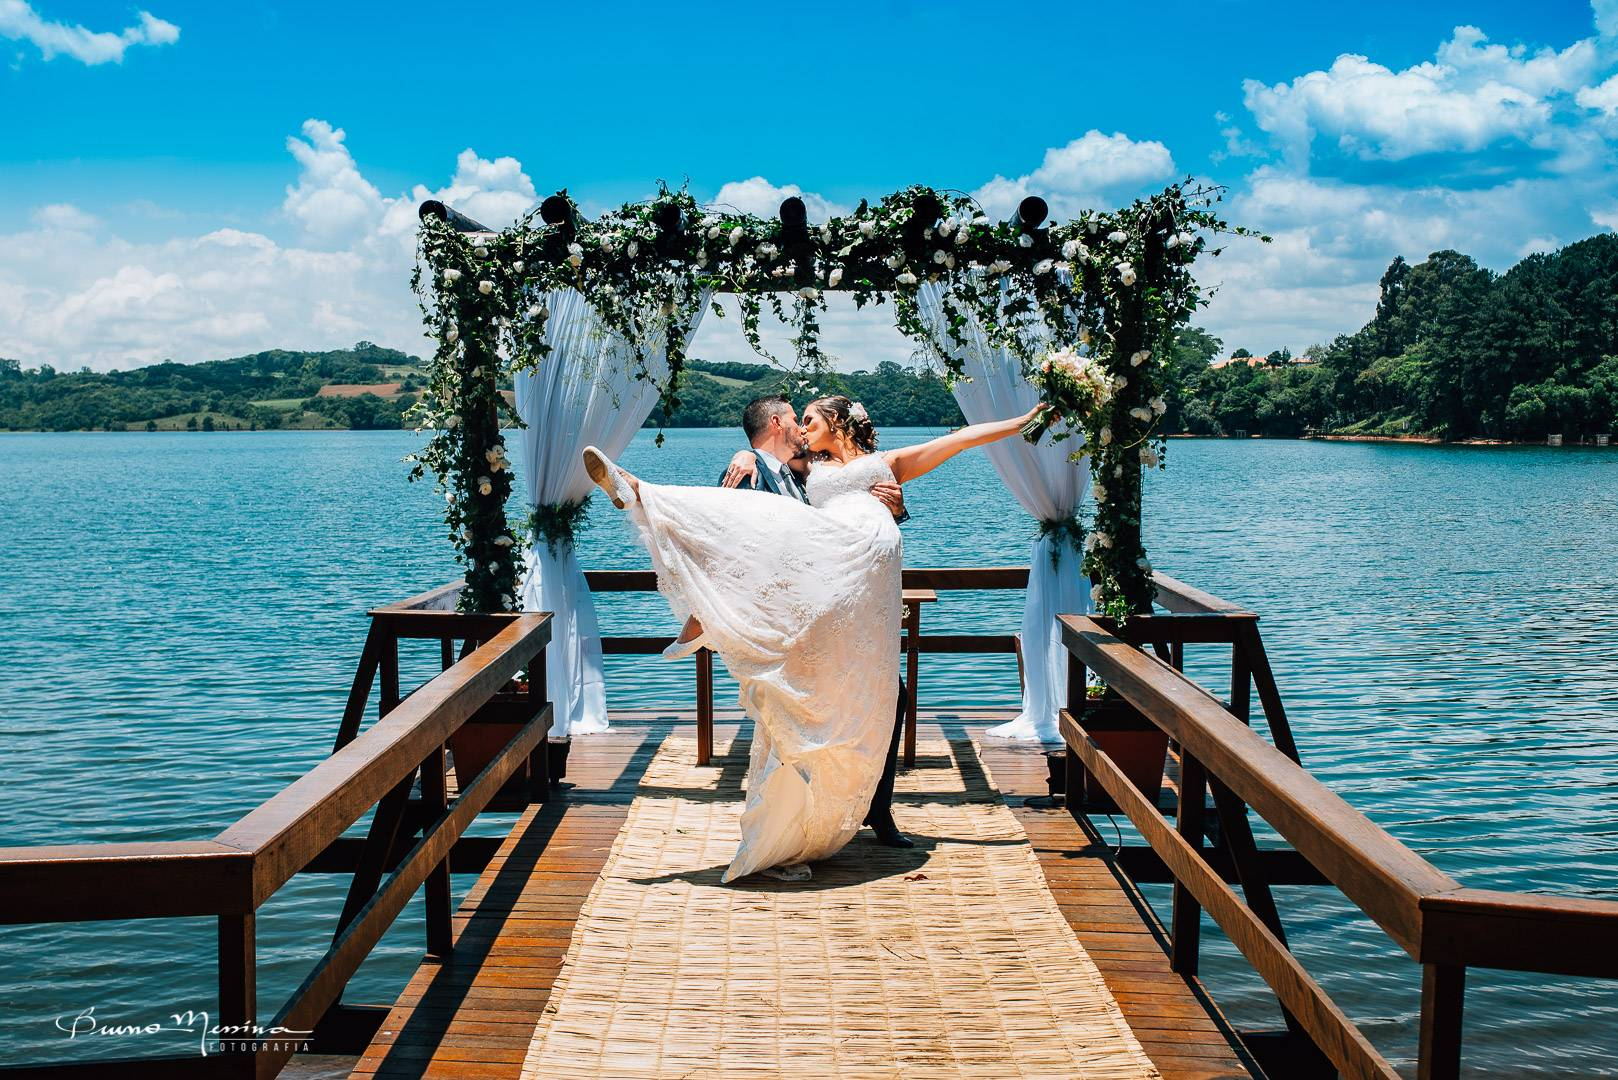 fotografia de Casamento em Curitiba - Fotógrafo para Casamento em Curitiba - fotos do casamento em Curitiba - casamento curitiba - Casamento Espaço Belvedere